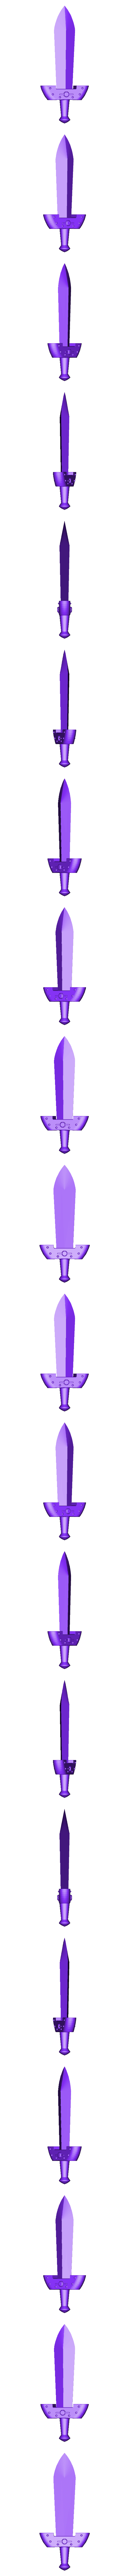 KokiriSword.stl Download free STL file Kokiri Sword - Ocarina of Time • 3D printing model, Hoofbaugh